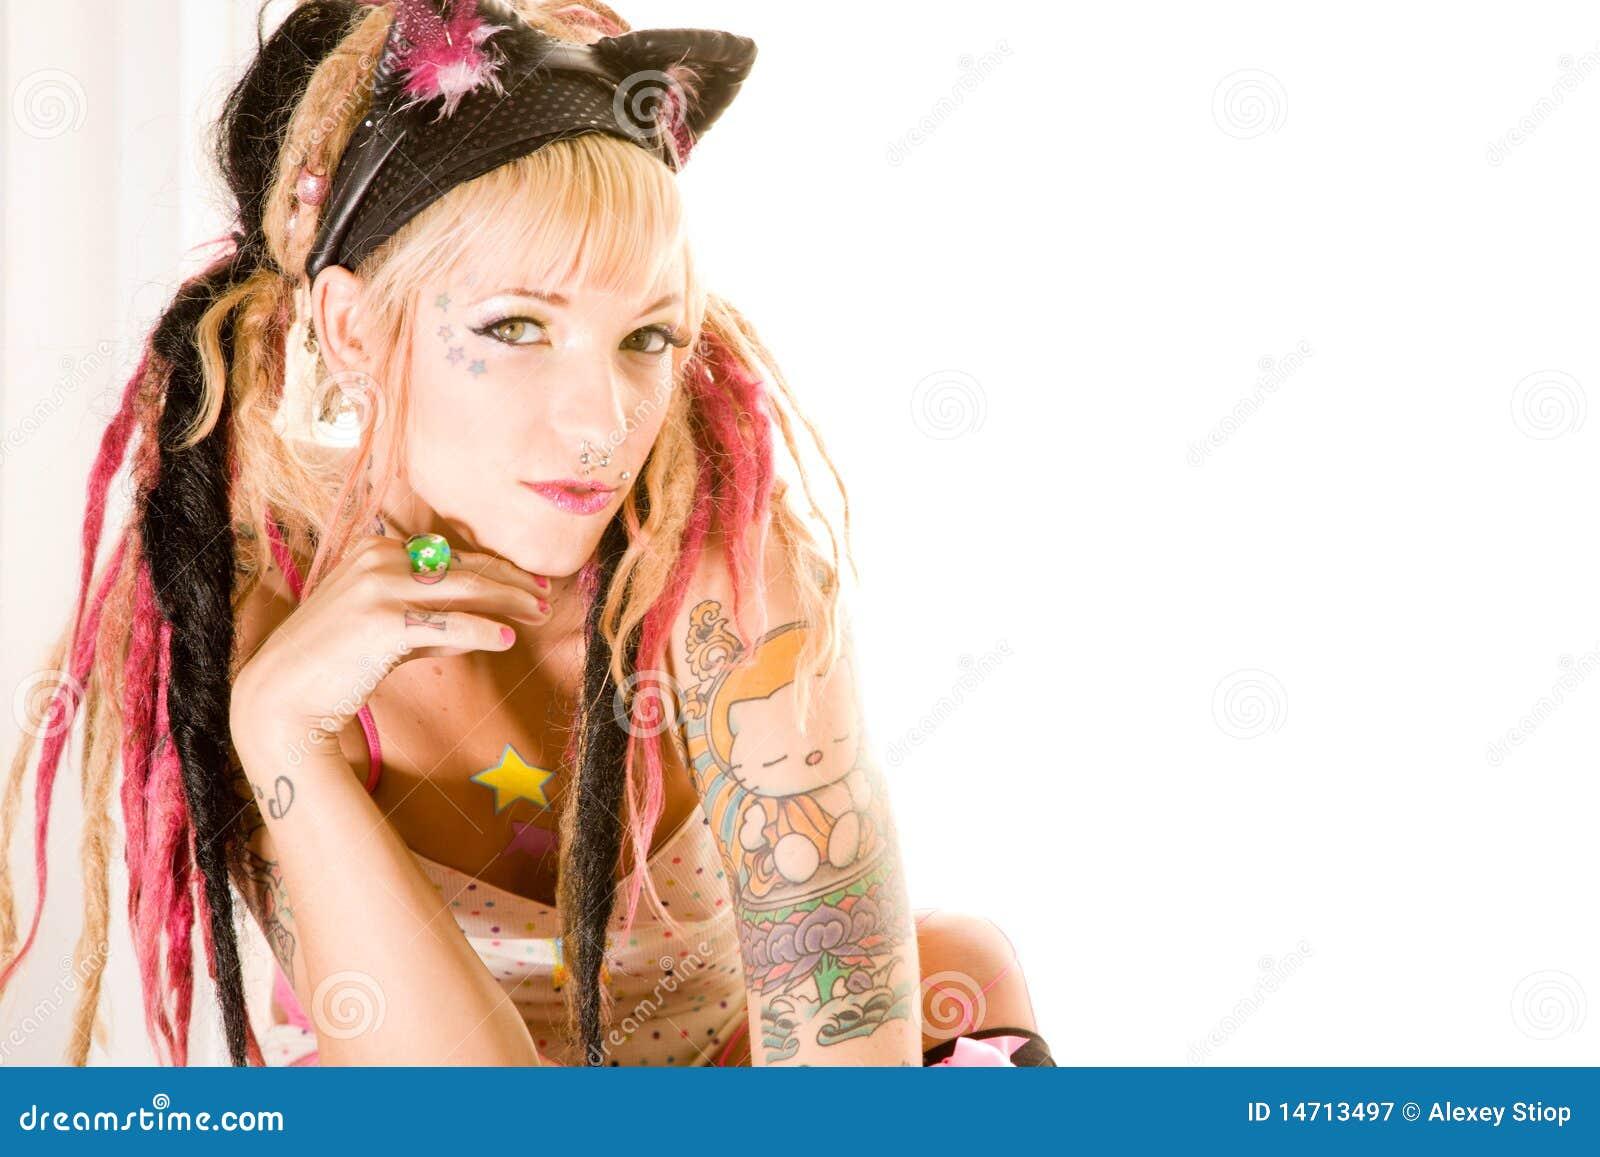 干色姑娘成人网_图片 包括有 相当, 微笑, 星形, 构成, 成人, 泄密者, 刺穿, 成套